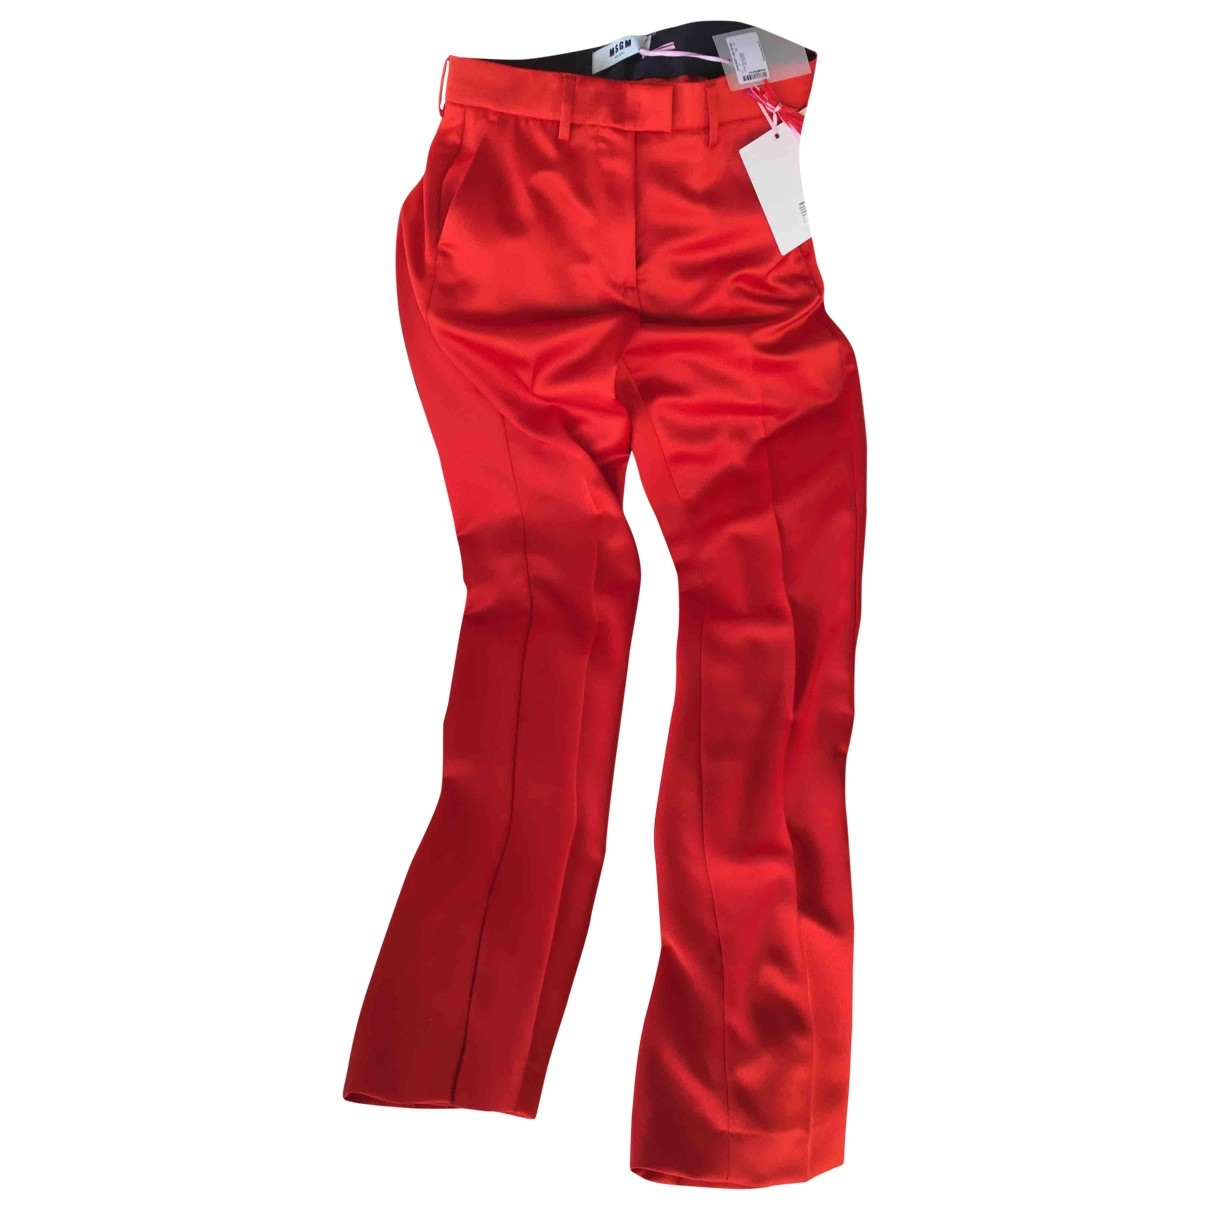 Pantalon recto Msgm